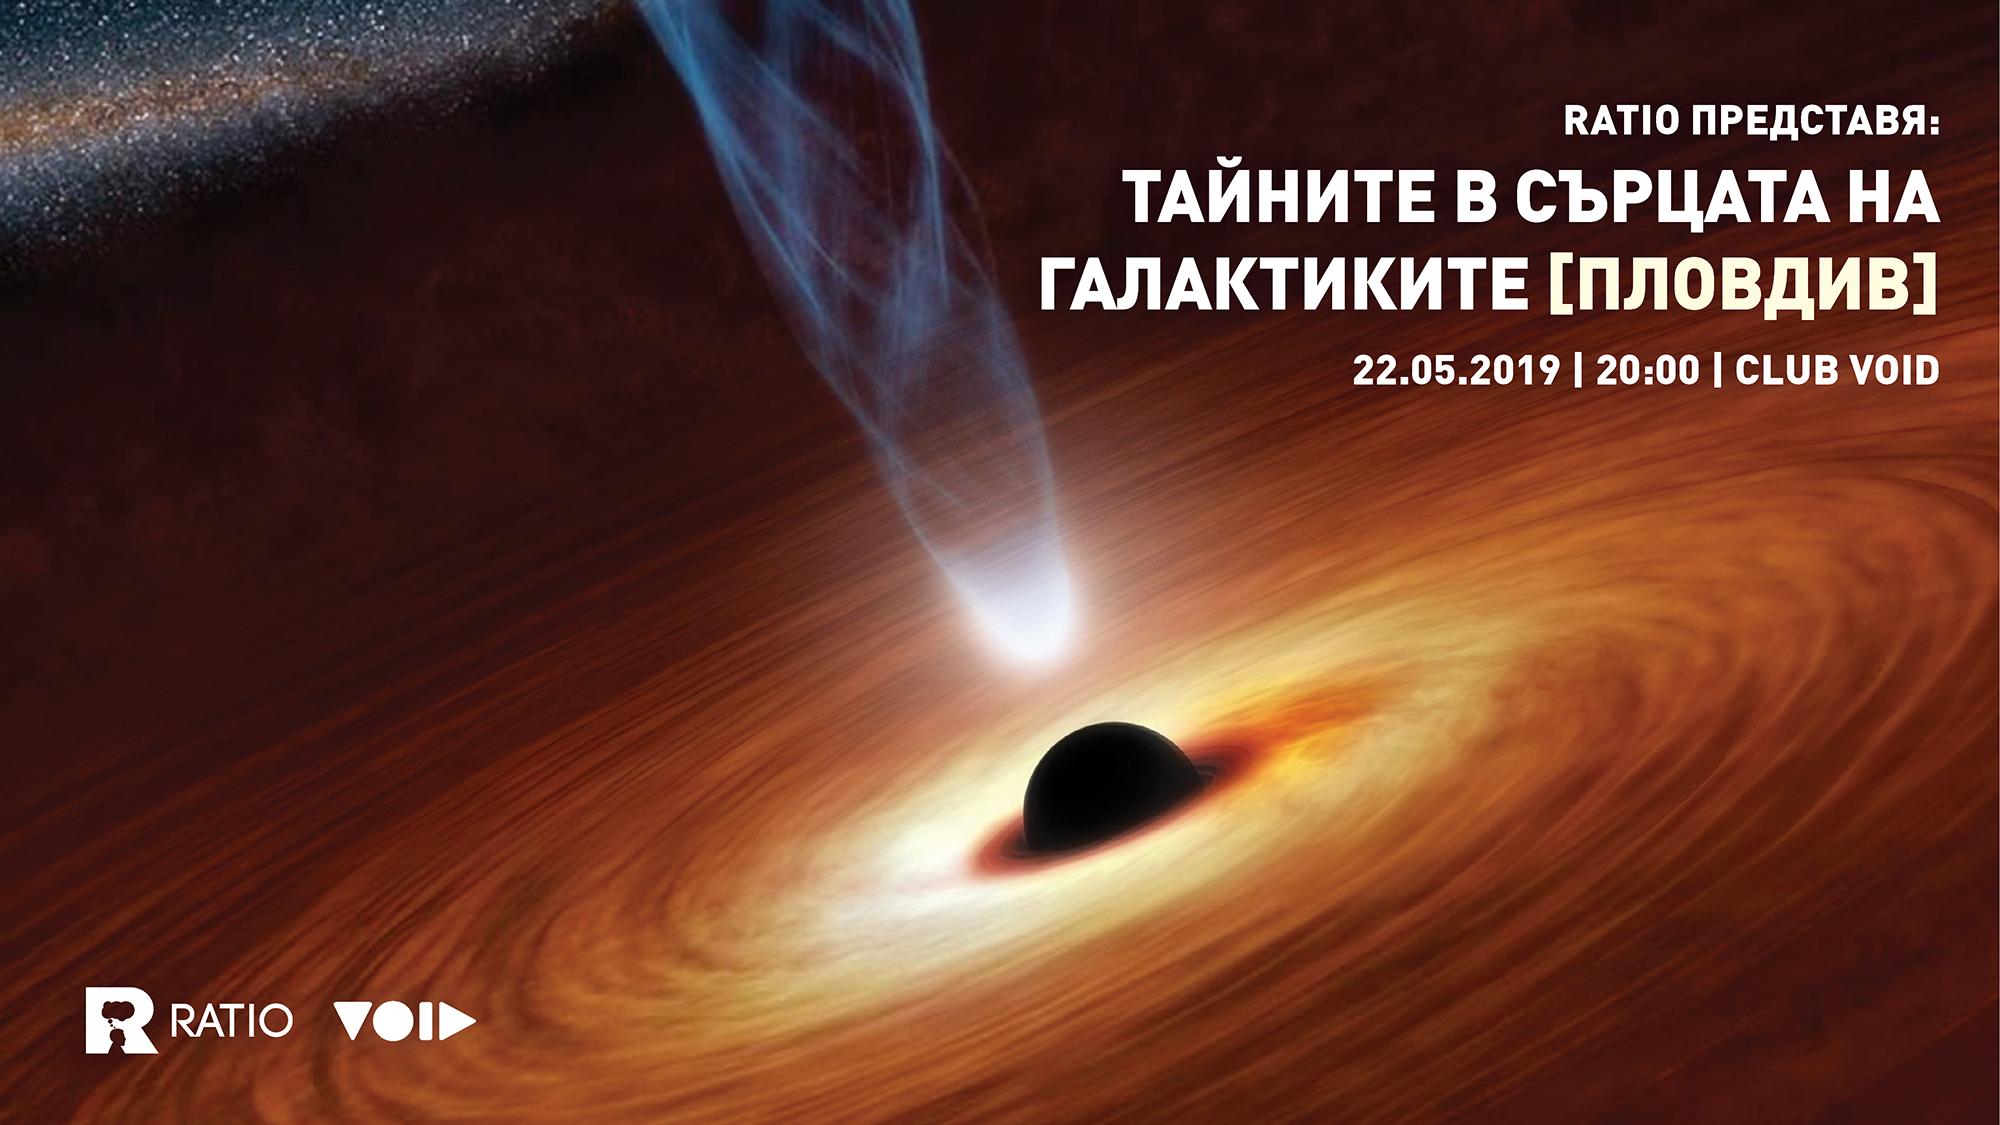 Ratio представя: Тайните в сърцата на галактиките [Пловдив]